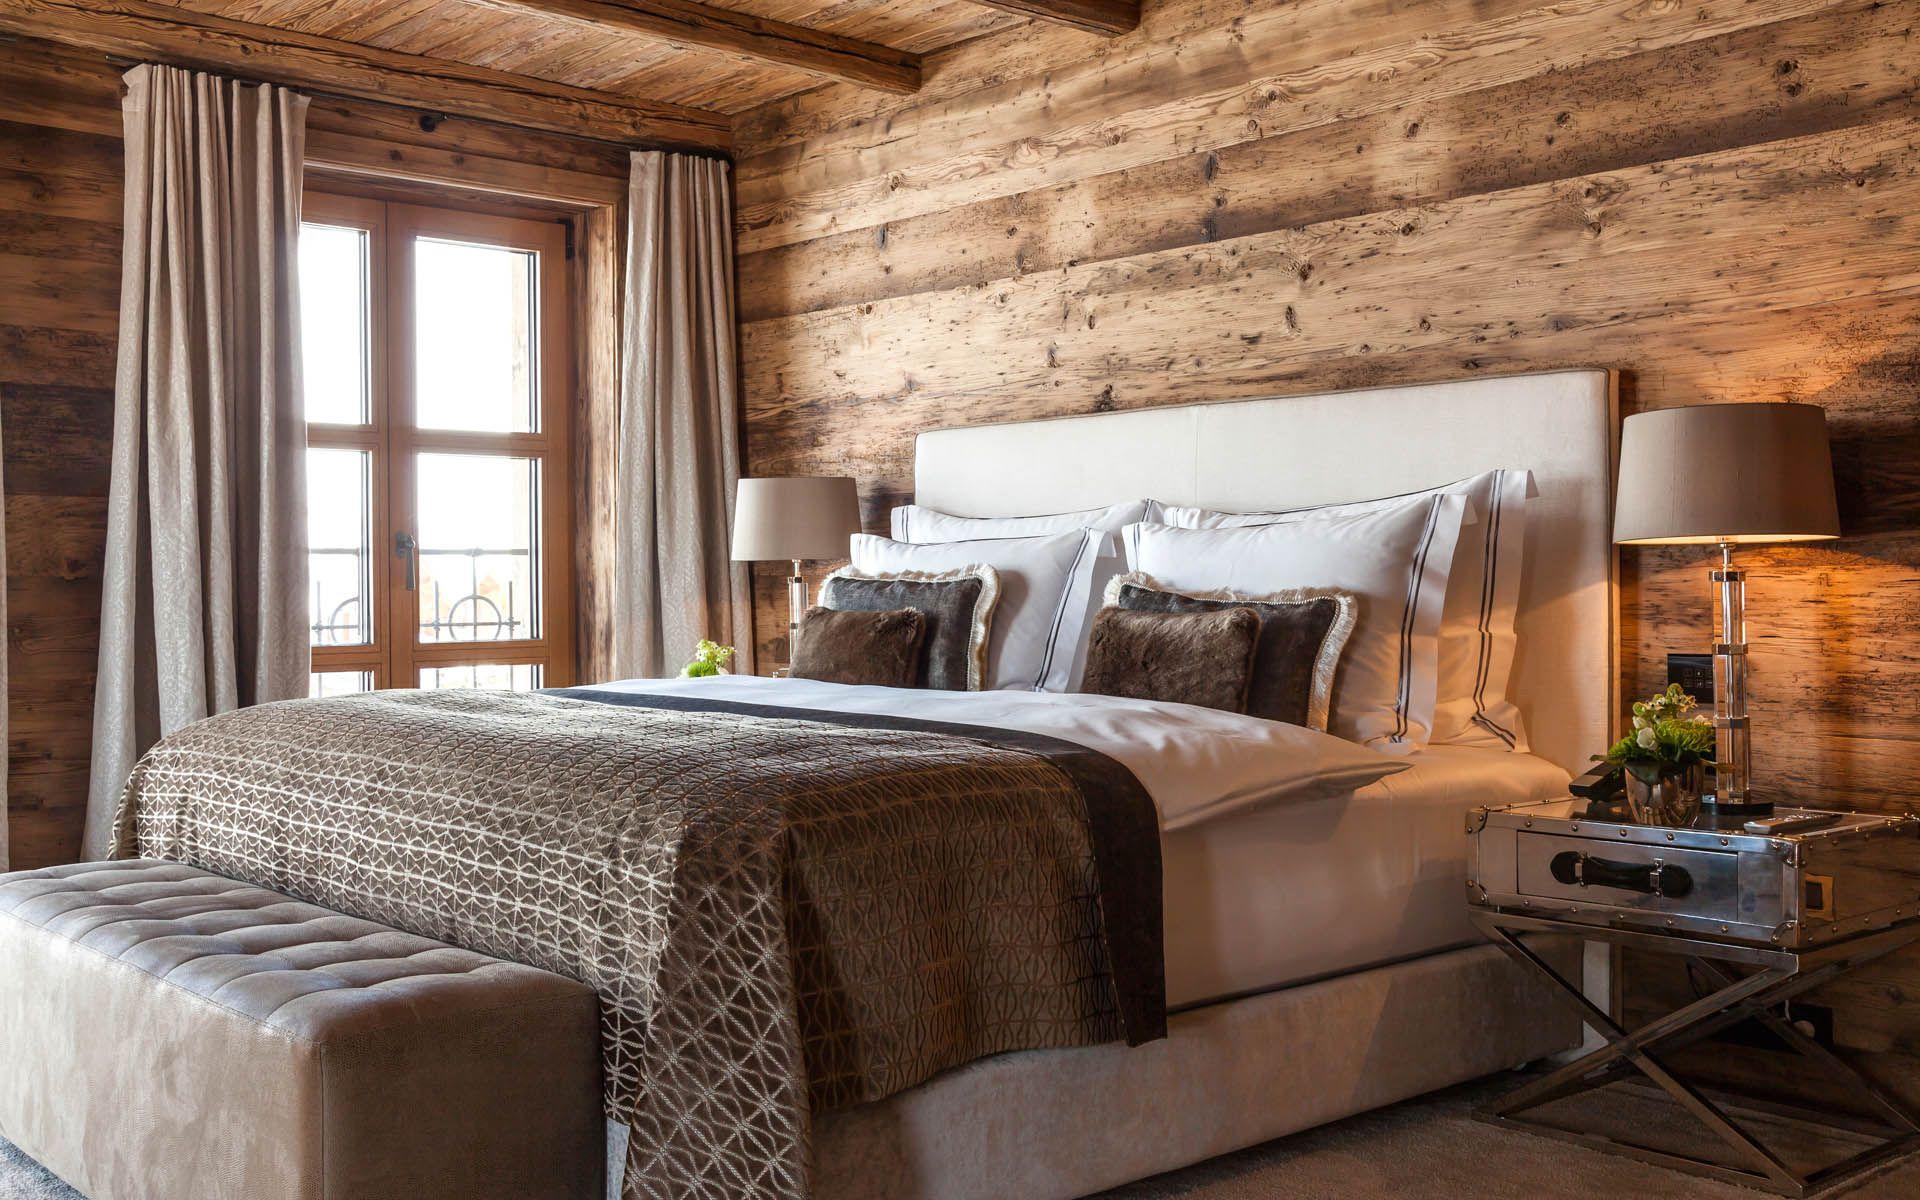 chalet | Chalets | Pinterest | Chalet, Chambres et Deco montagne